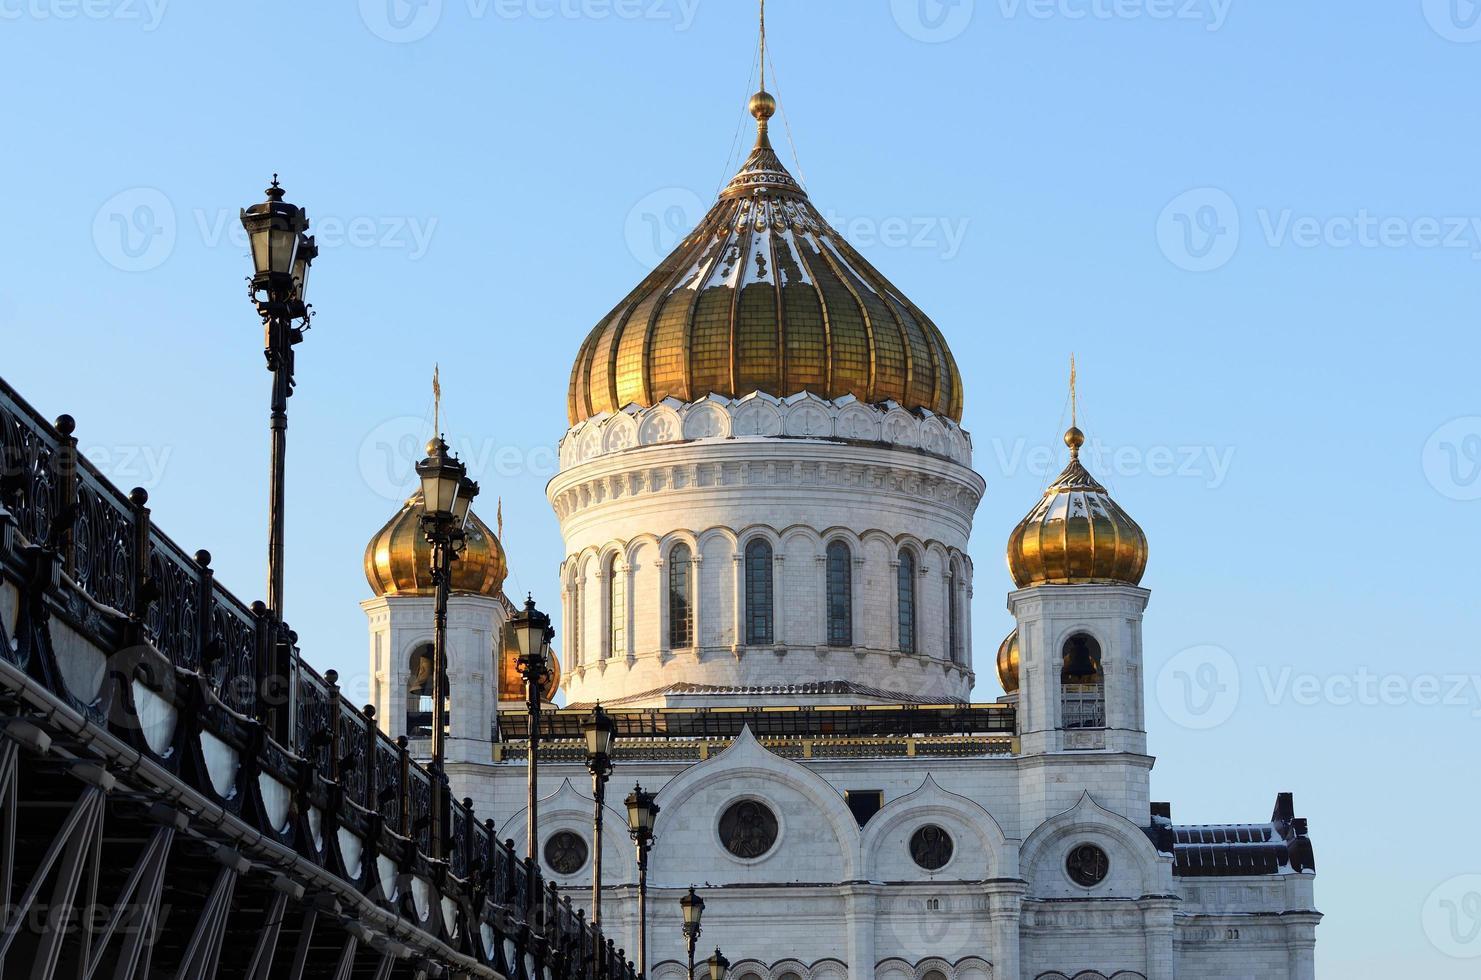 cattedrale di cristo salvatore e ponte patriarcale, inverno foto